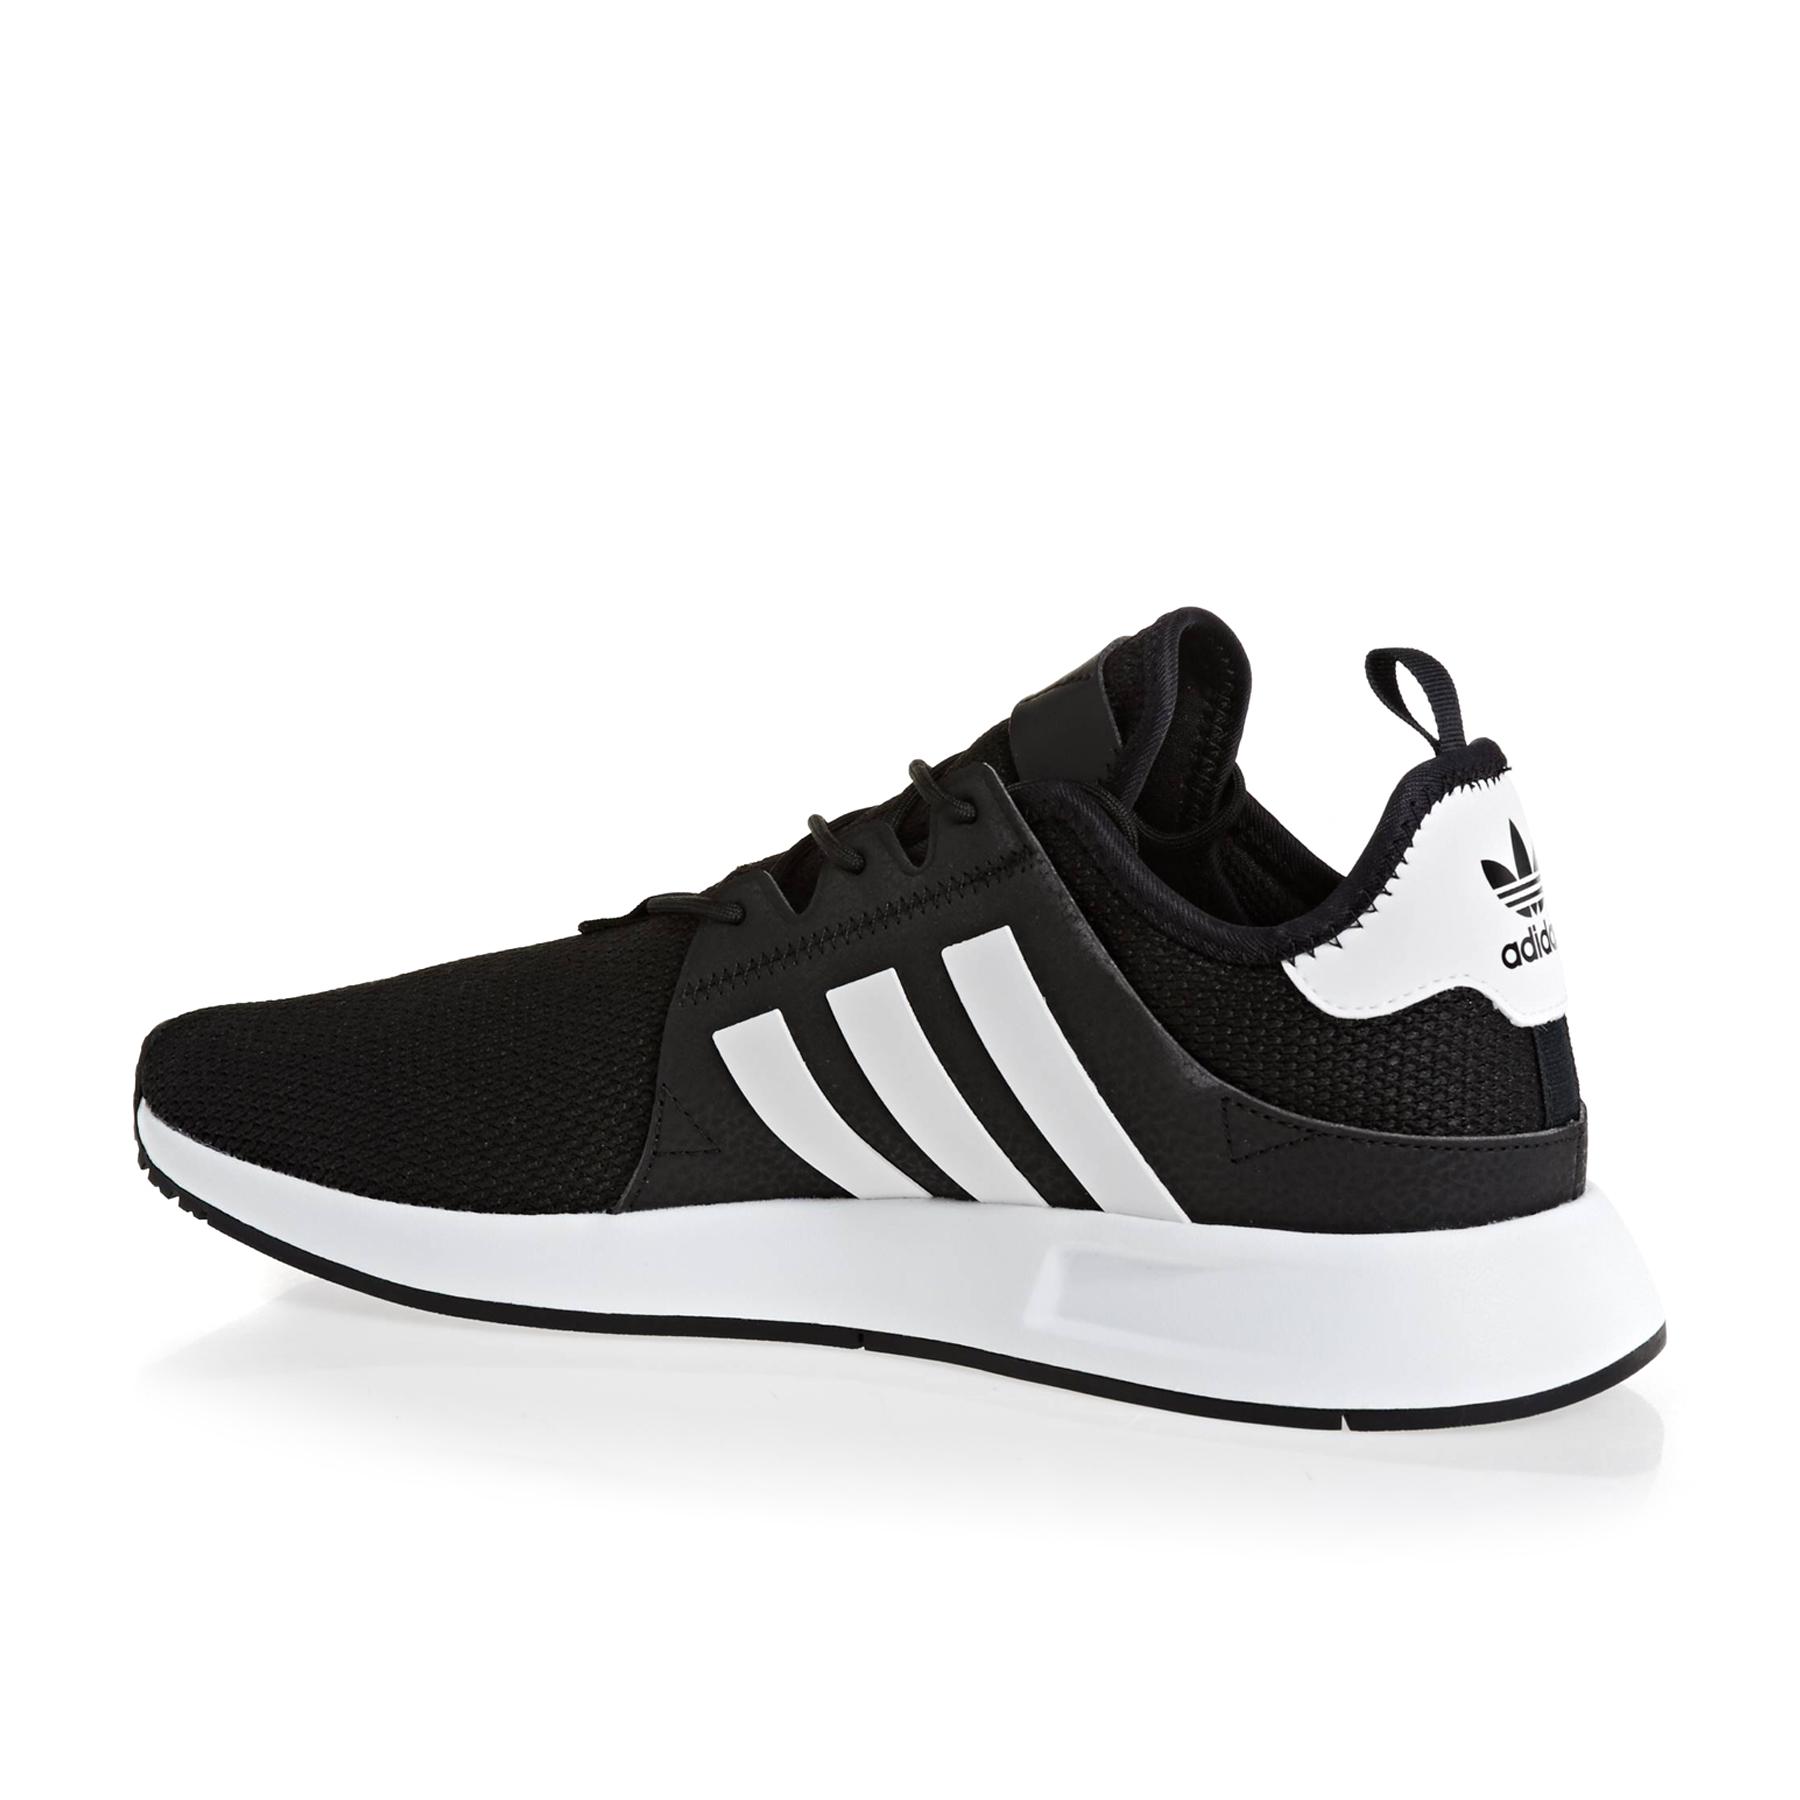 Adidas Originals X_PLR Schuhe | Kostenlose Lieferung